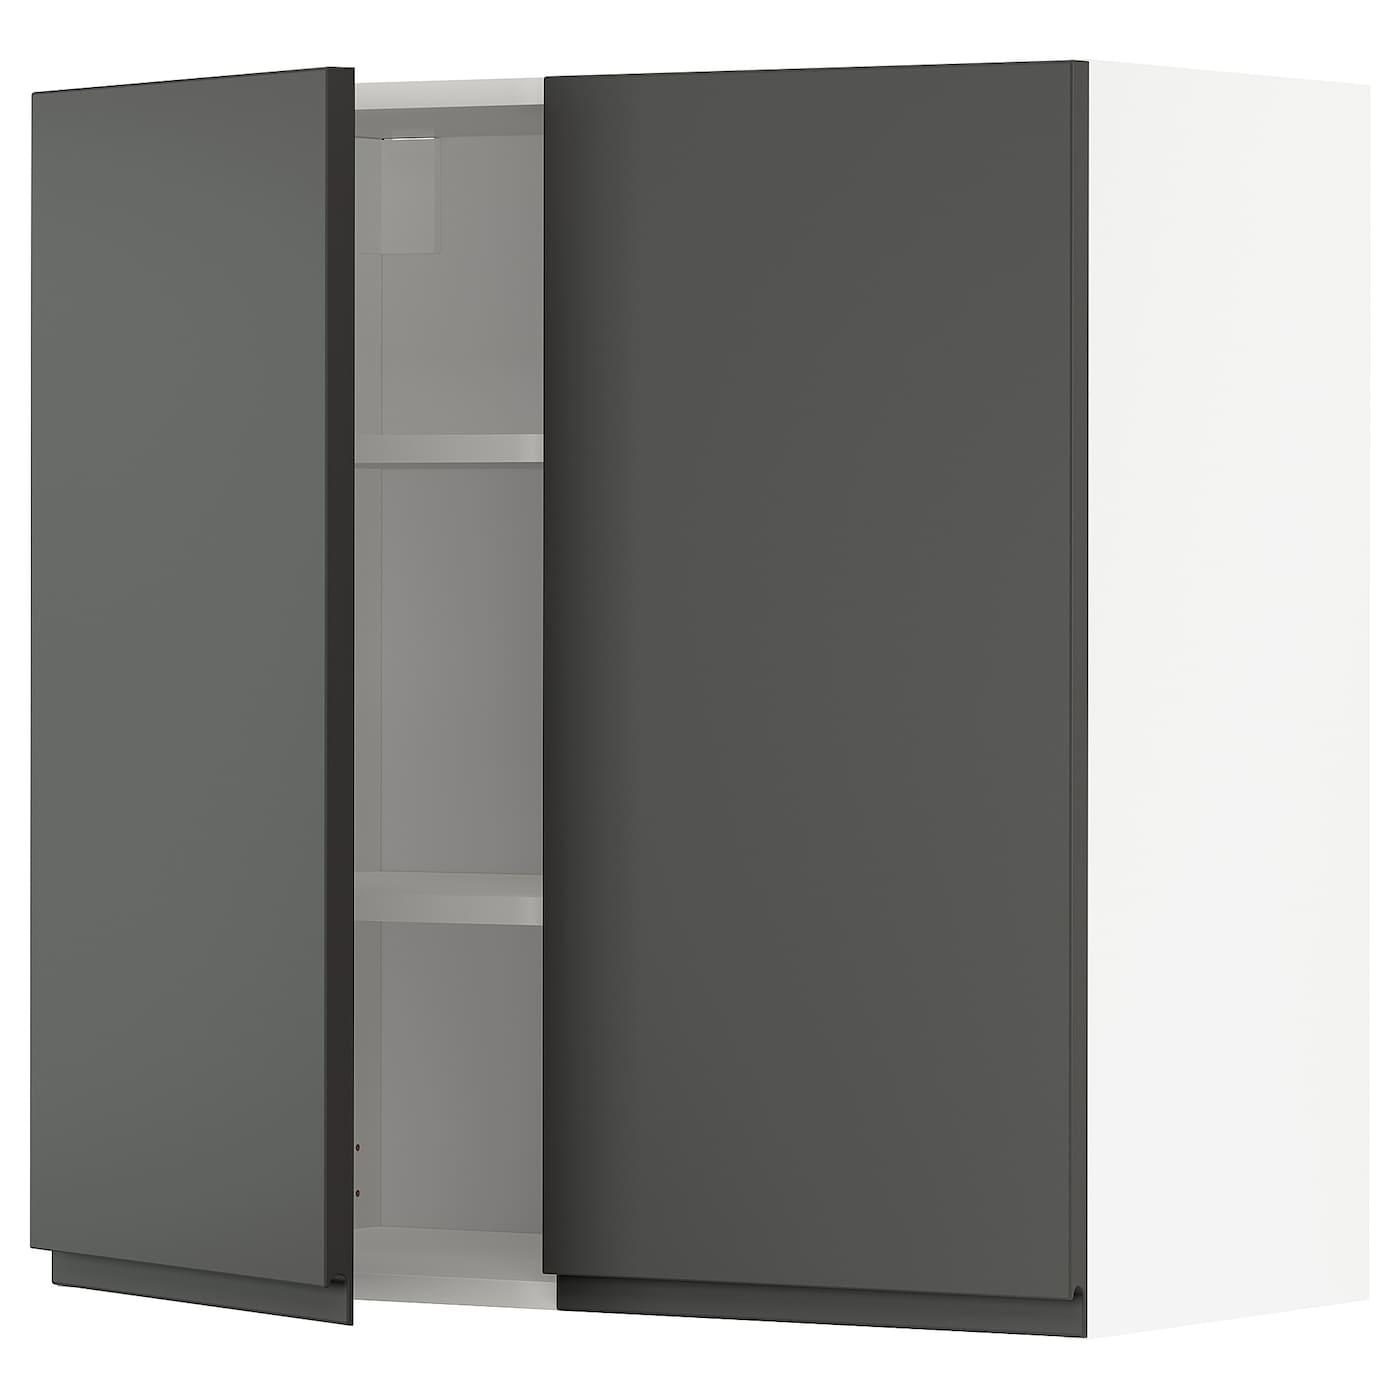 METOD Wandschrank mit Böden und 21 Türen   weiß/Voxtorp dunkelgrau 21x21 cm